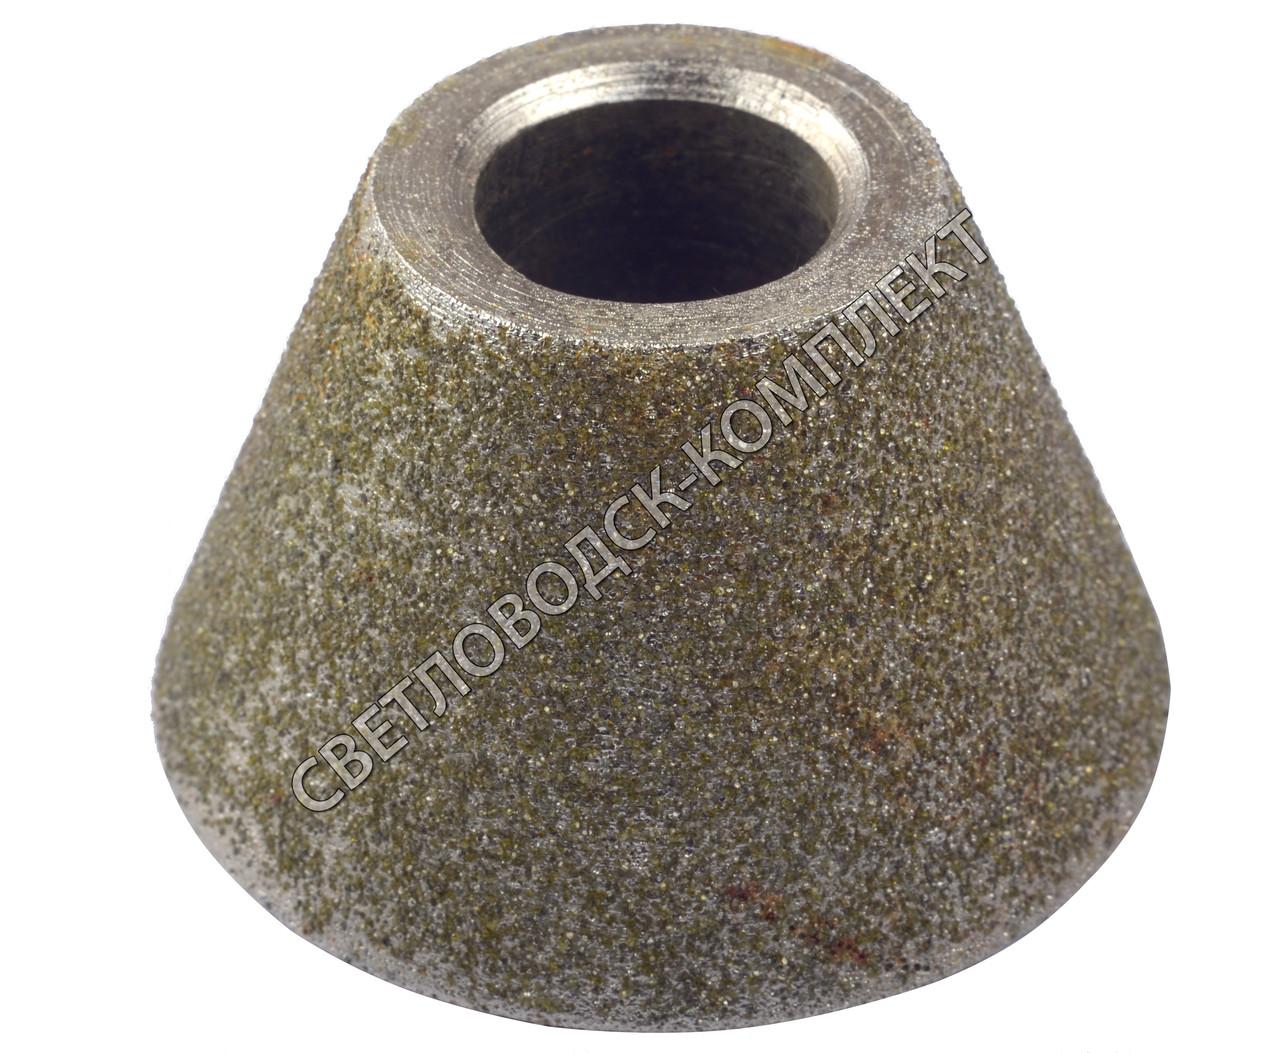 Конусный камень для СОМ-ов моделей 70D, 80, 88 и 110